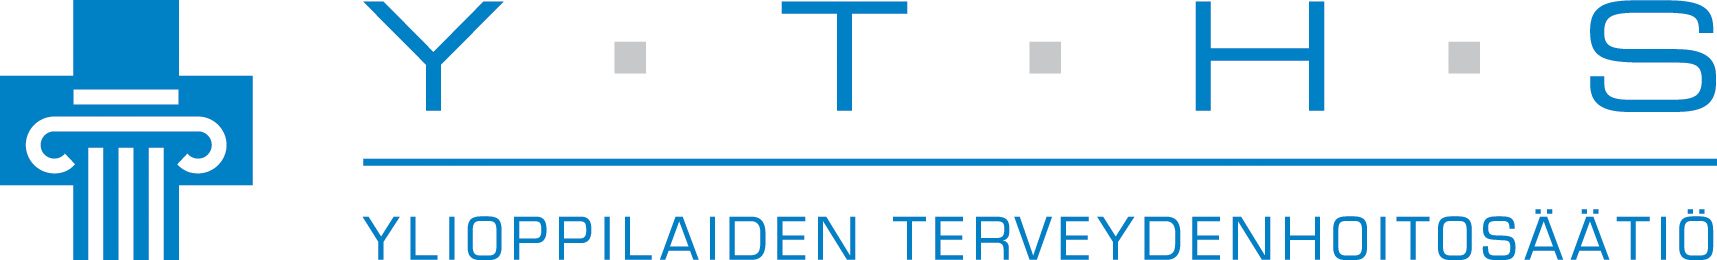 Ylioppilaiden terveydenhoitosäätiö (YTHS) logo